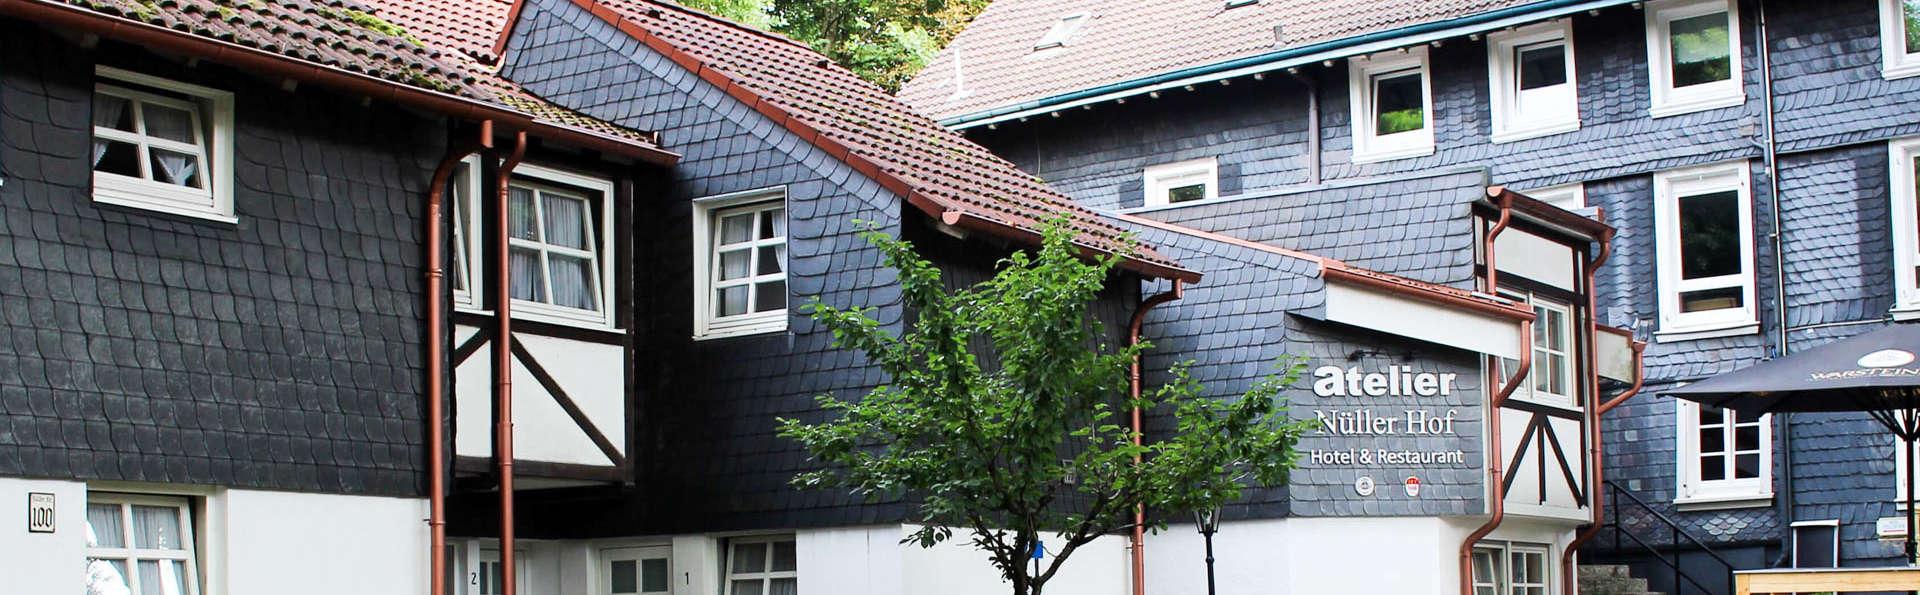 Atelier Hotel & Restaurant Nüller Hof - EDIT_FRONT2.jpg